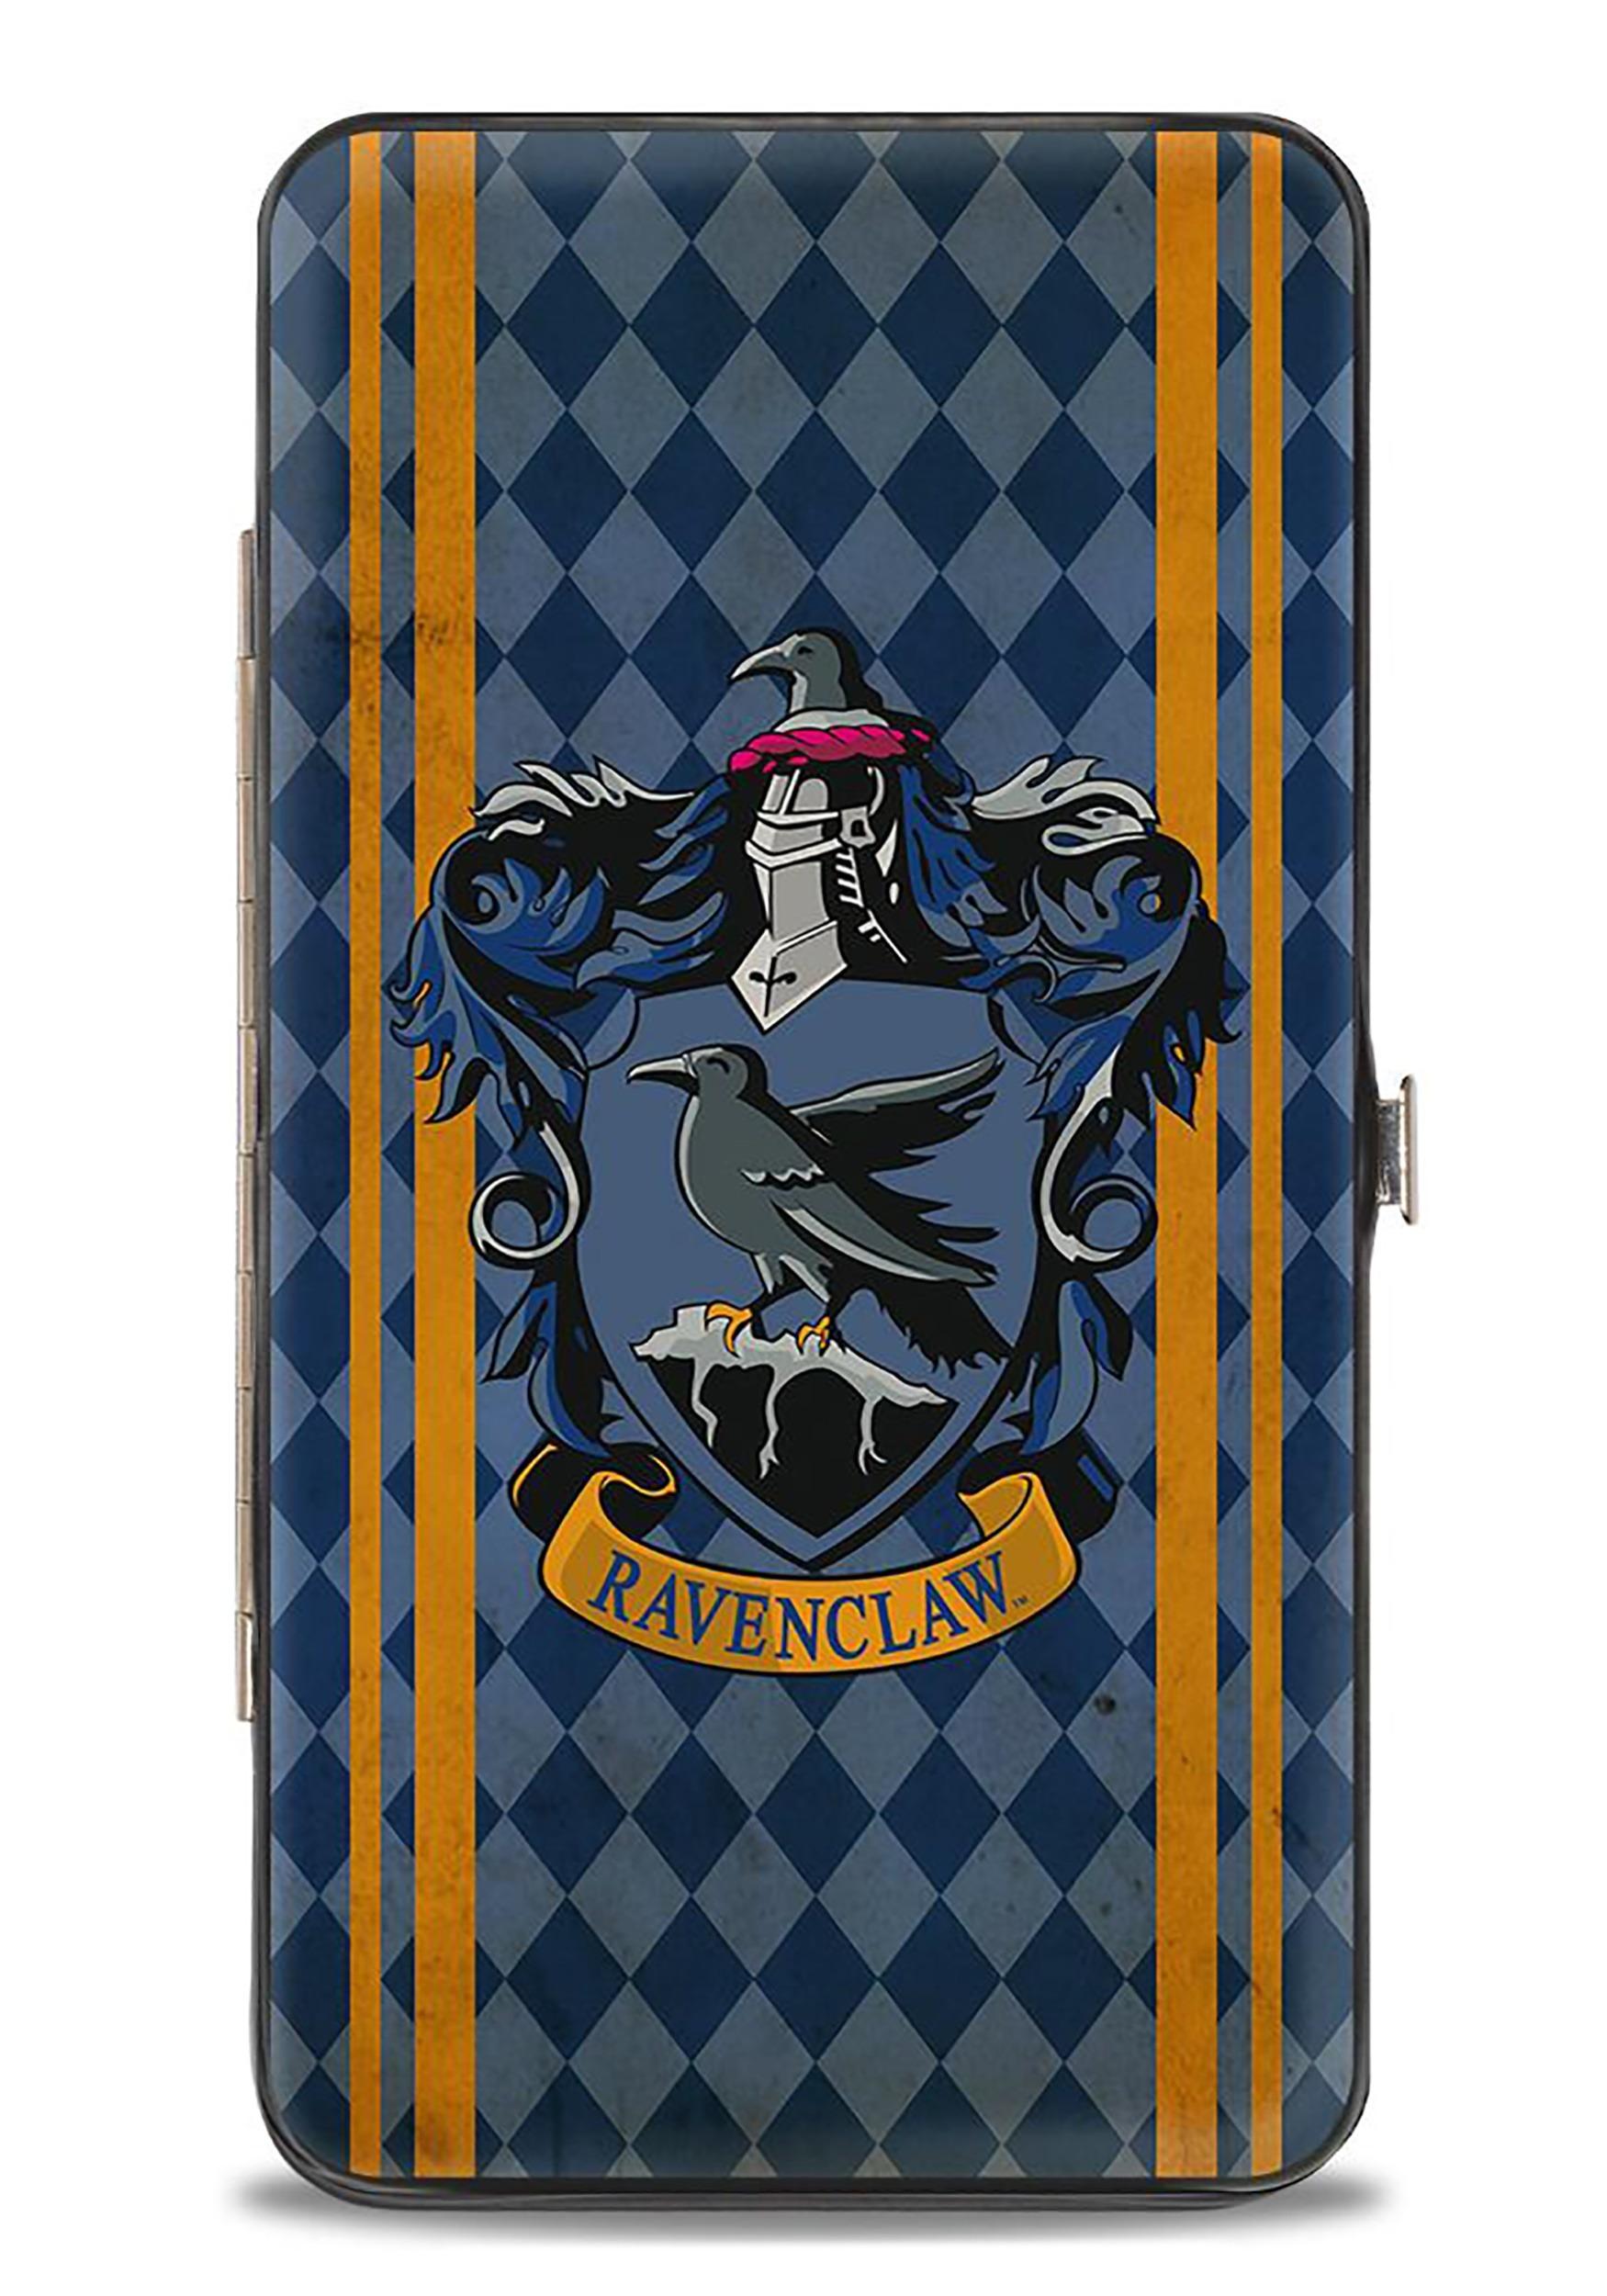 Harry_Potter_Hogwarts_Ravenclaw_Crest_Hinged_Wallet